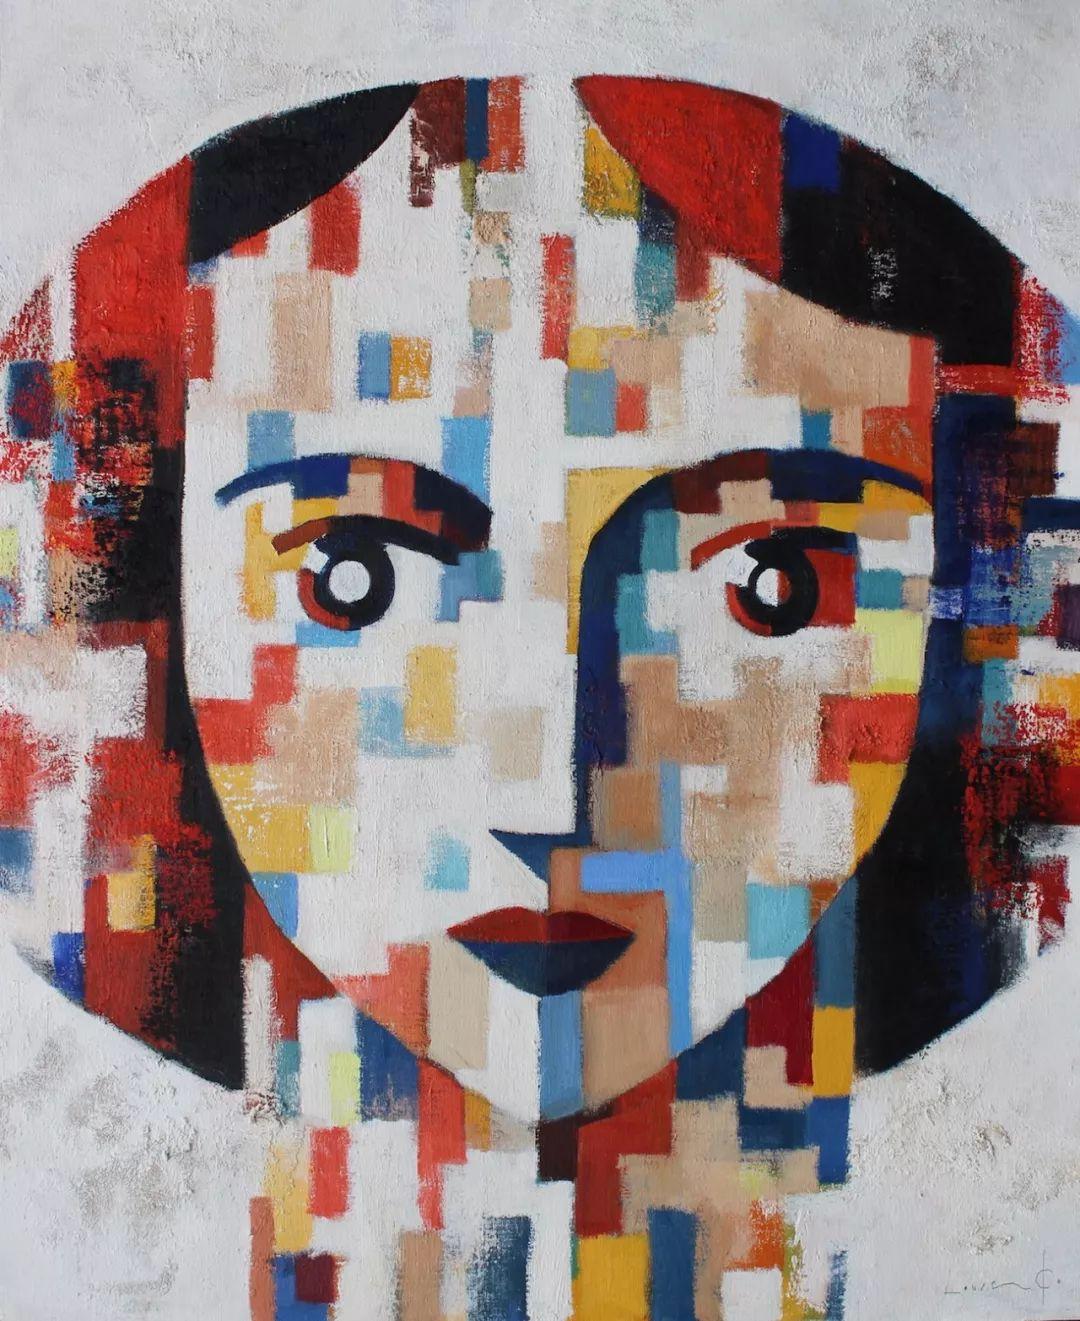 情感的表达,西班牙画家Didier Lourenço插图22